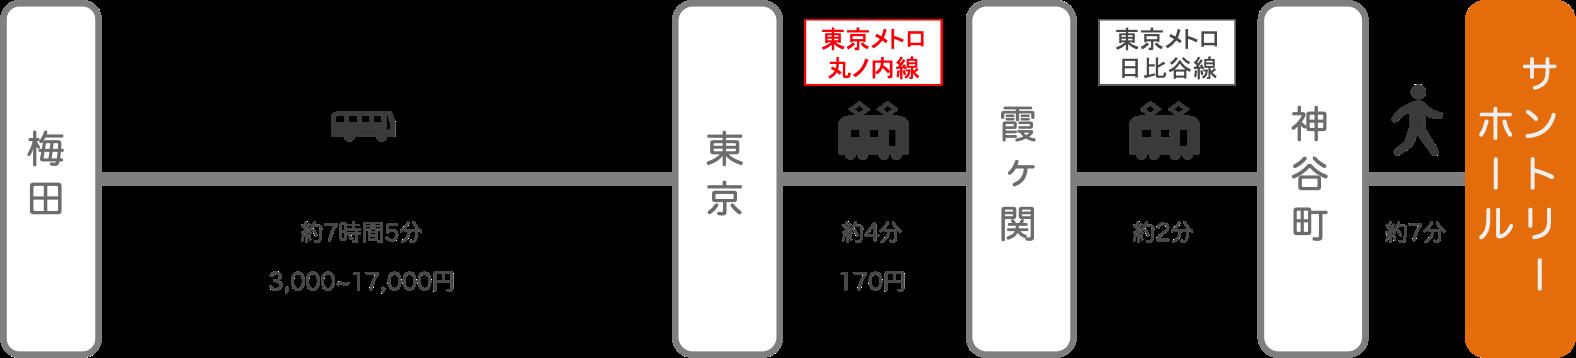 サントリーホール_大阪_高速バス